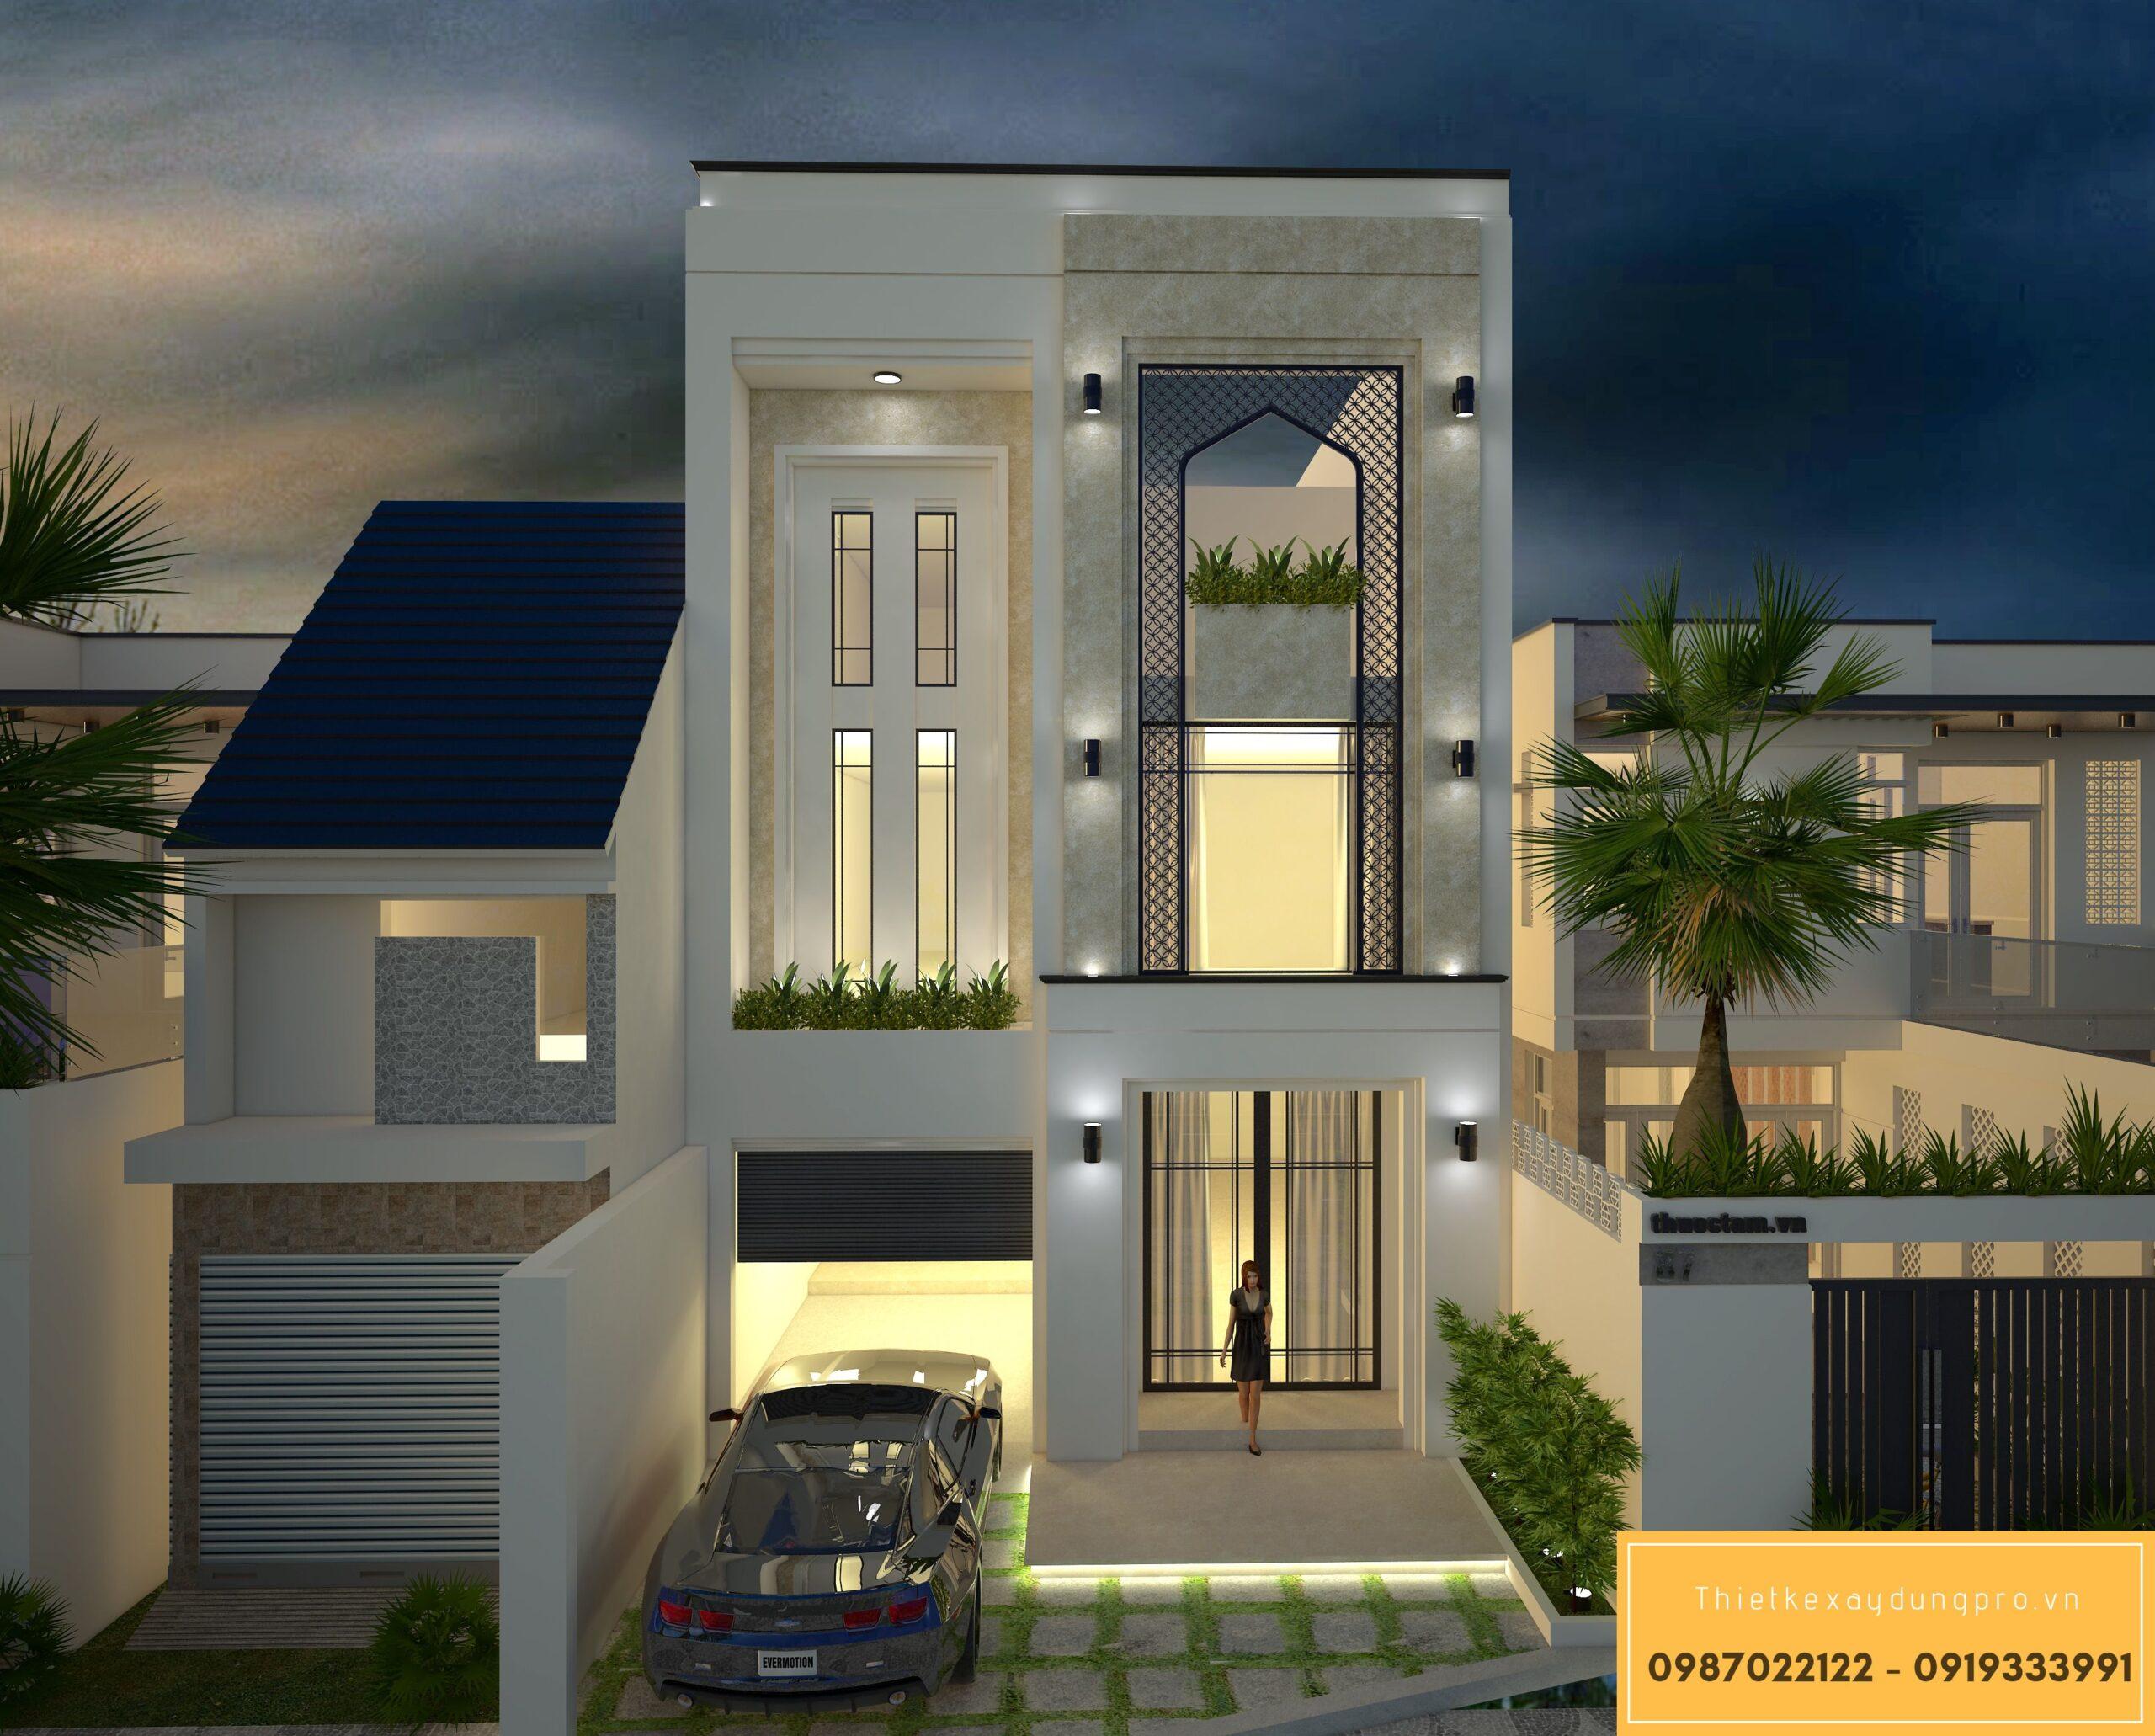 Thiết kế nội thất nhà phố 2 tầng